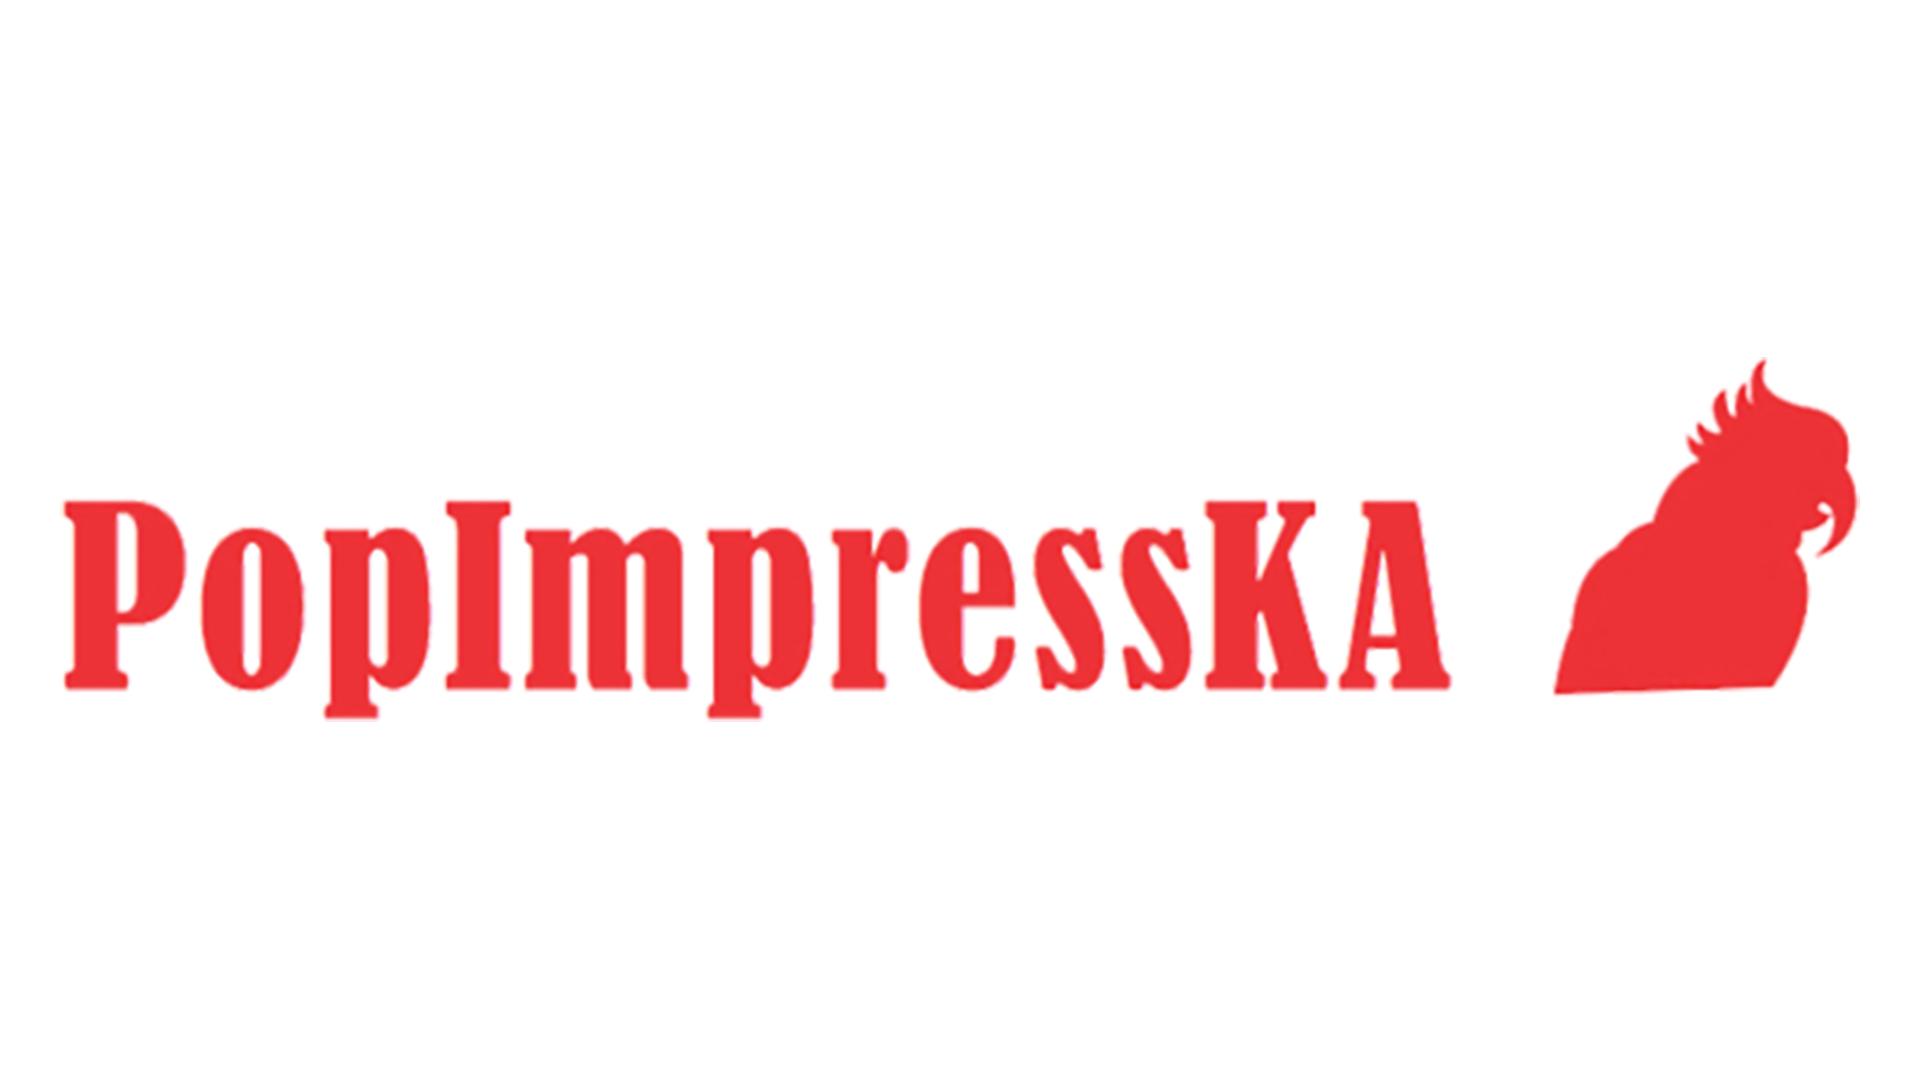 PopImpressKA Journal